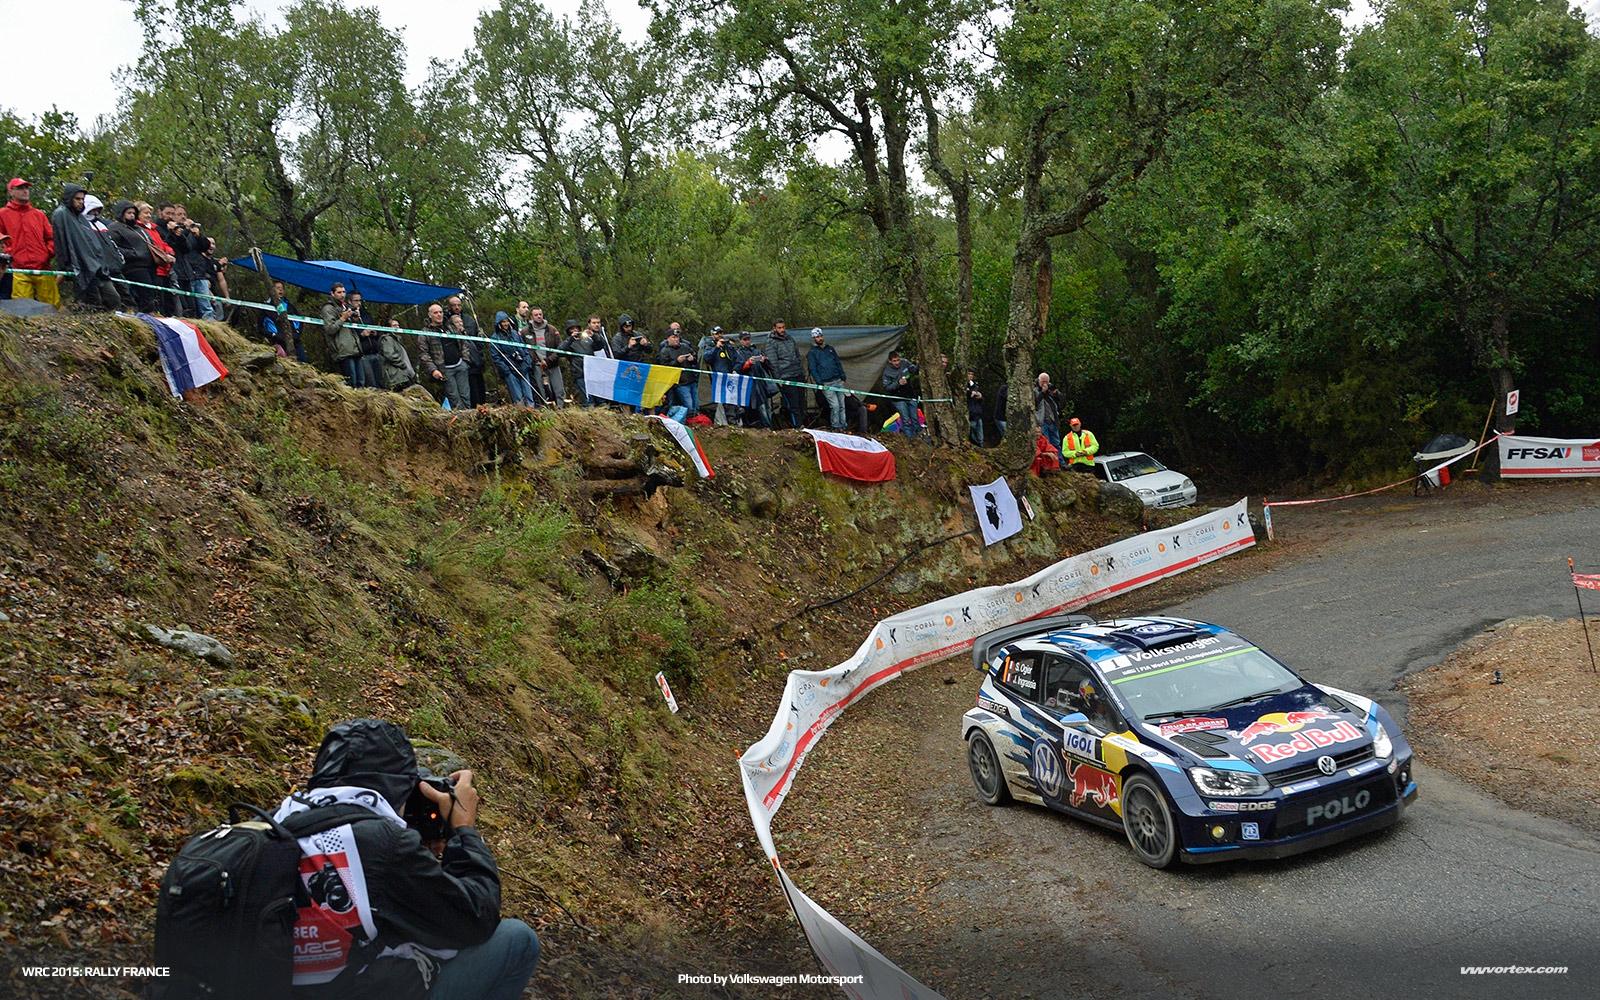 wrc-2015-rally-france-374